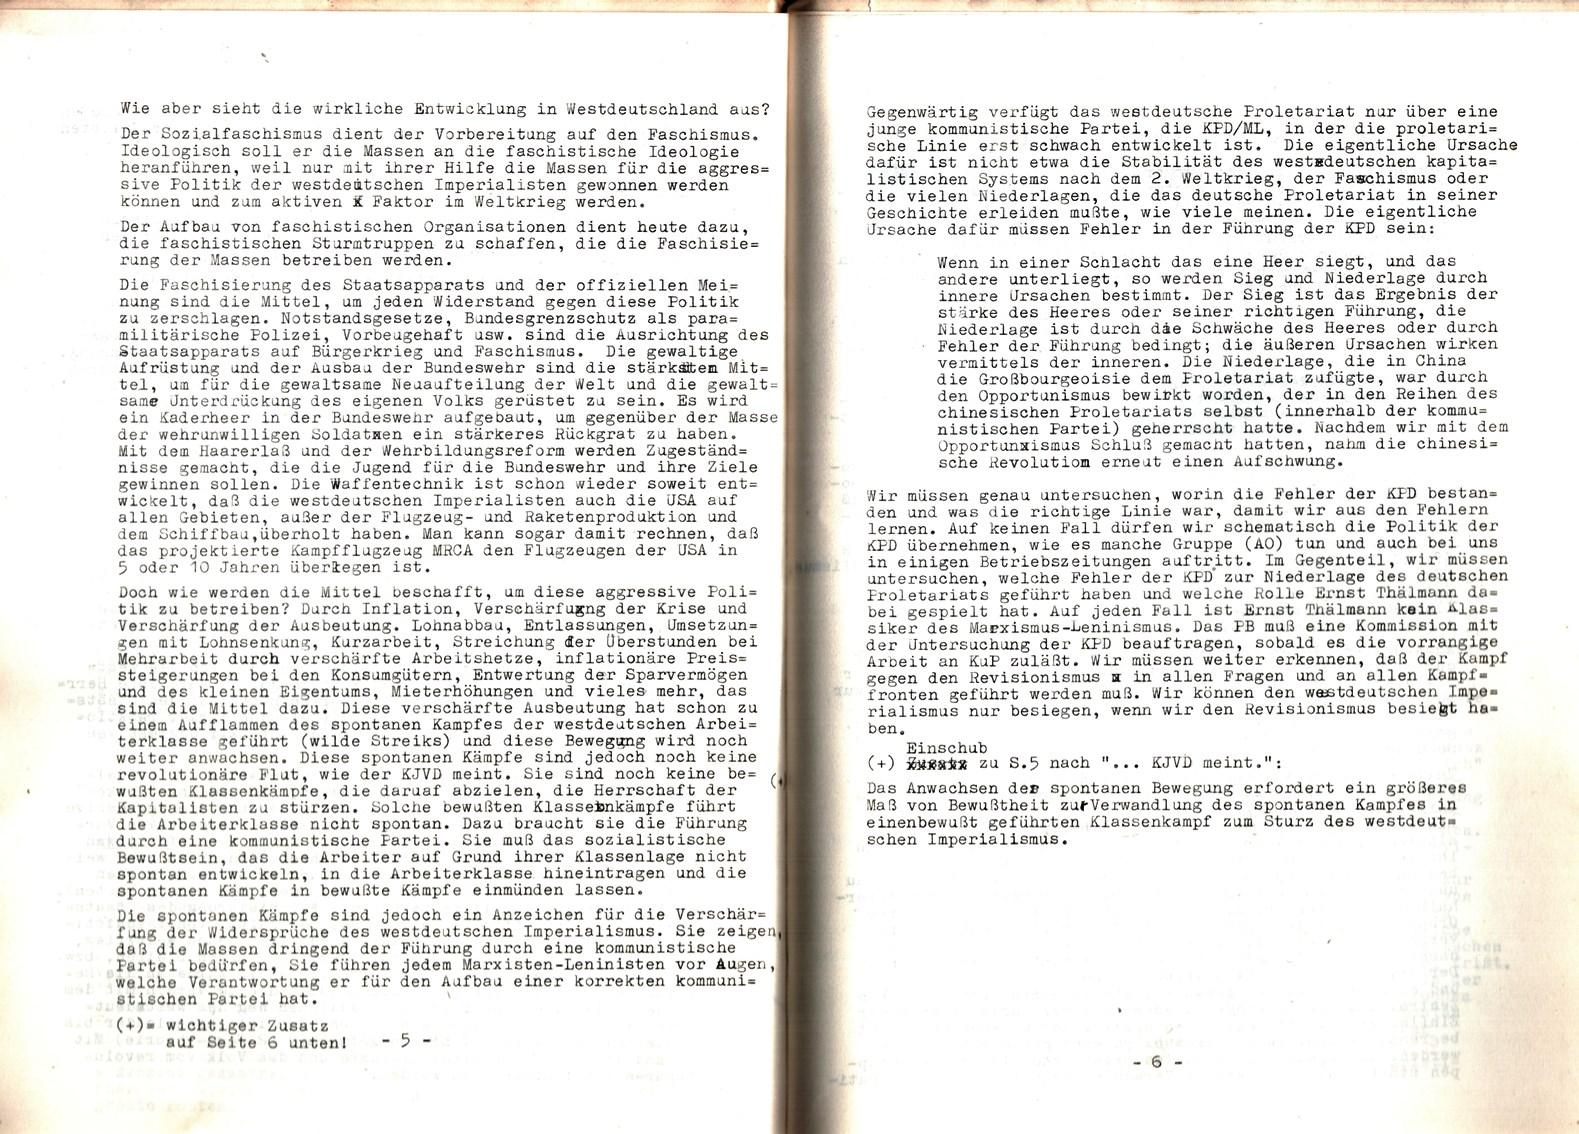 KPDML_1971_Analysen_und_Antraege_des_LV_Sued_West_046